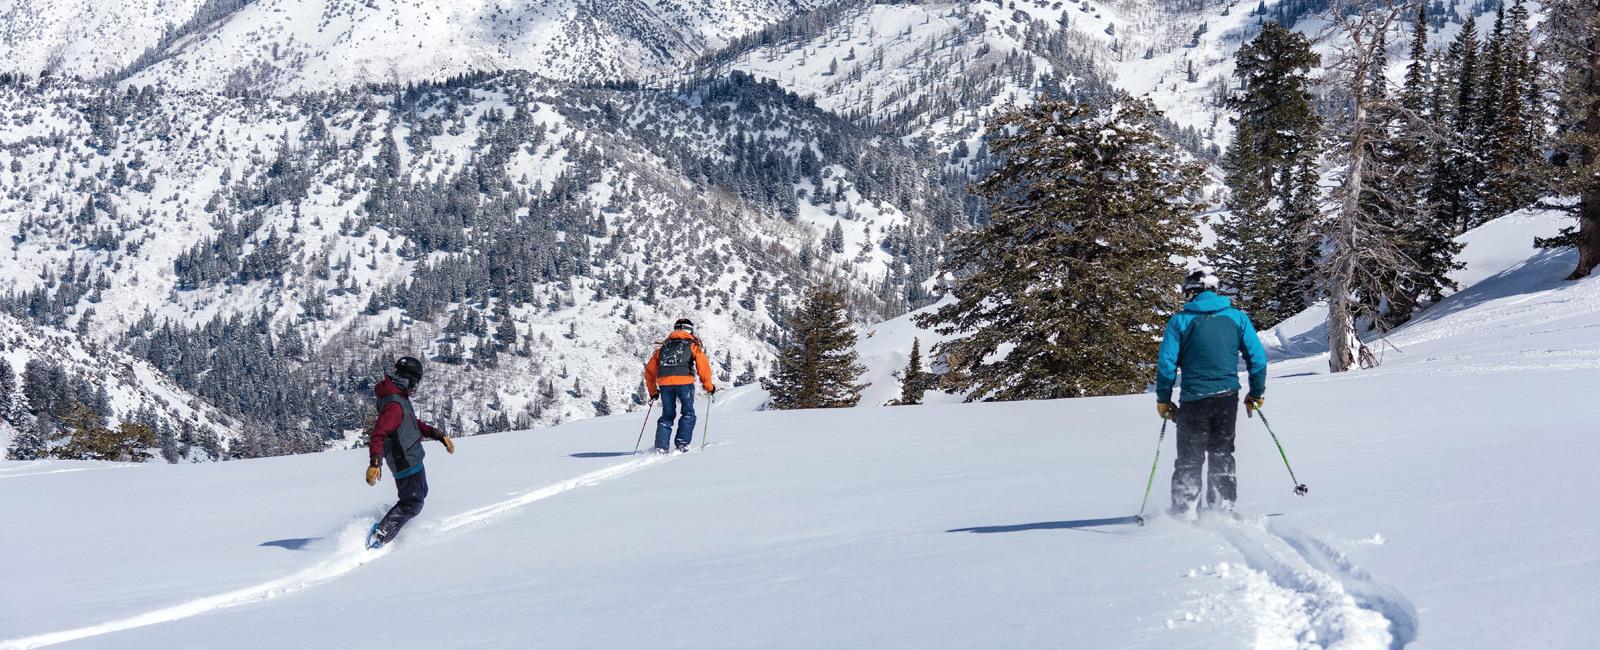 Powder Mountain - Skin & Ski Experience